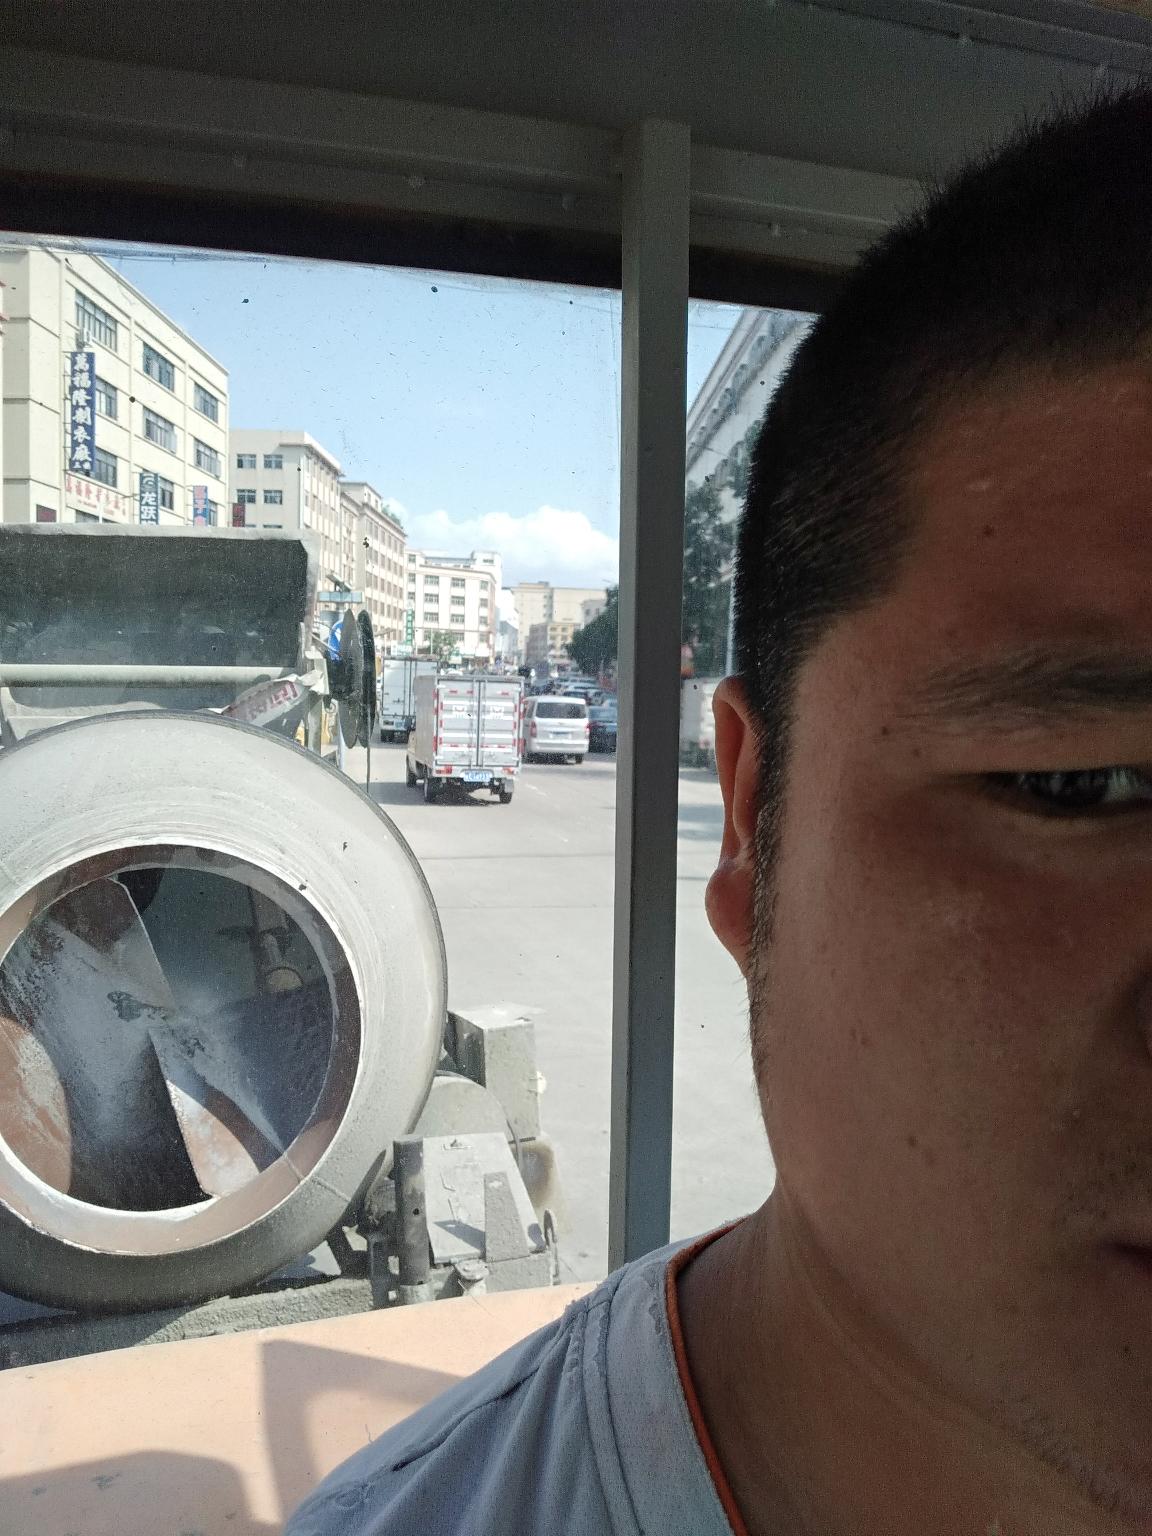 【我的铁甲日记第40天】拖搅拌机